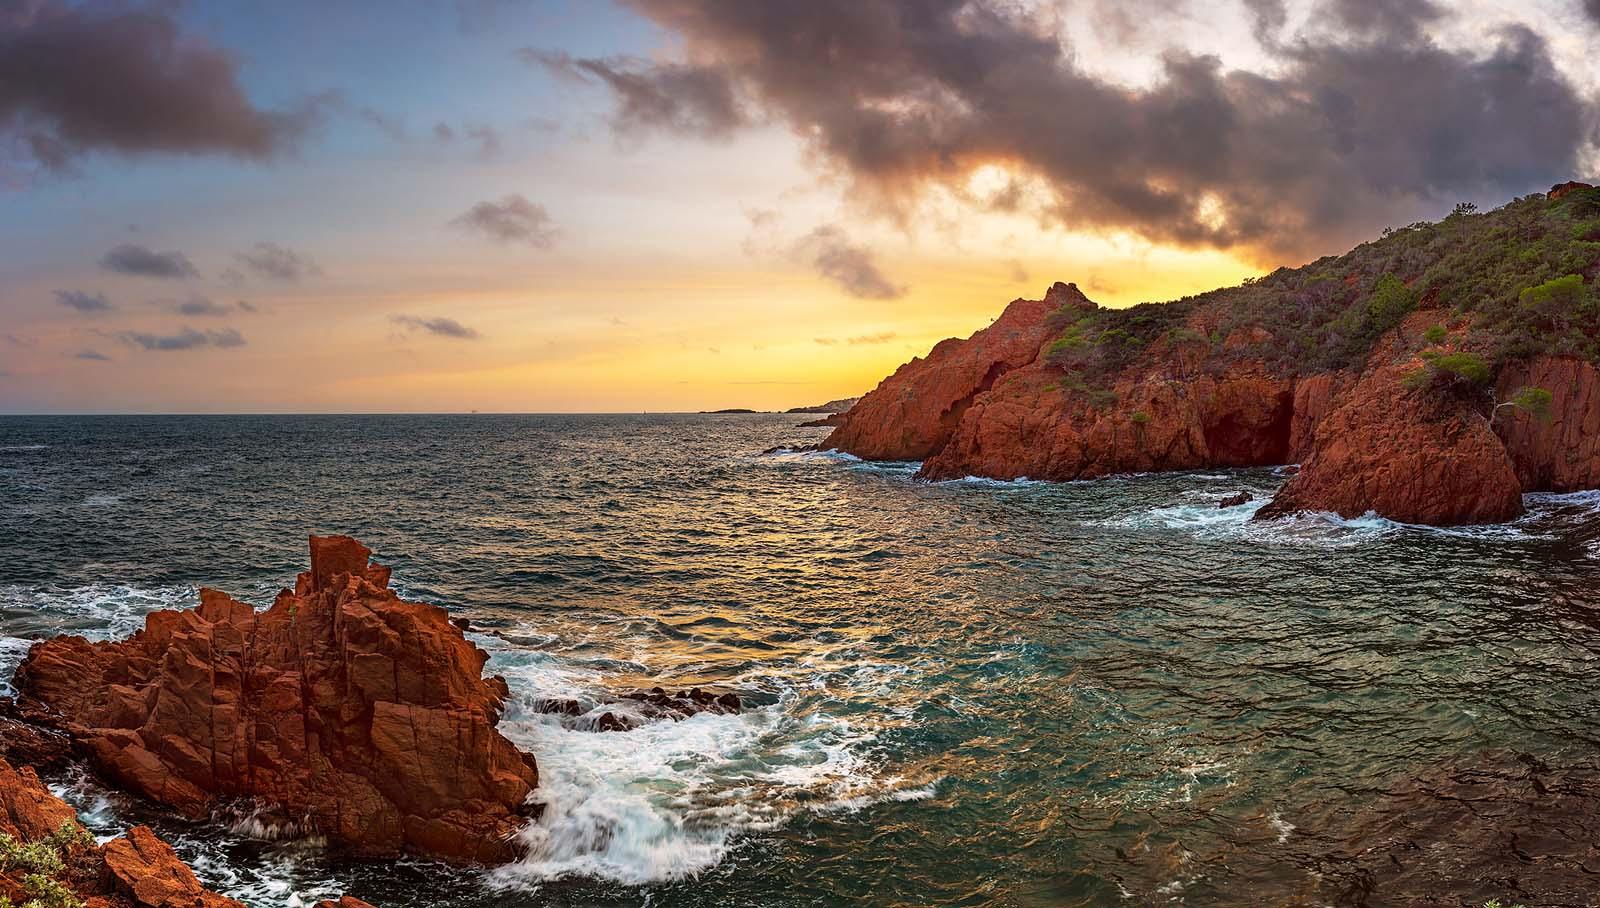 Esterel, Cote d'Azur: Farbenspiele am Cap du Dramont. Zweizeiliges Panorama, zusammengesetzt aus 9 Aufnahmen. Originalgröße 160x90 cm | © Reinhard Podolsky